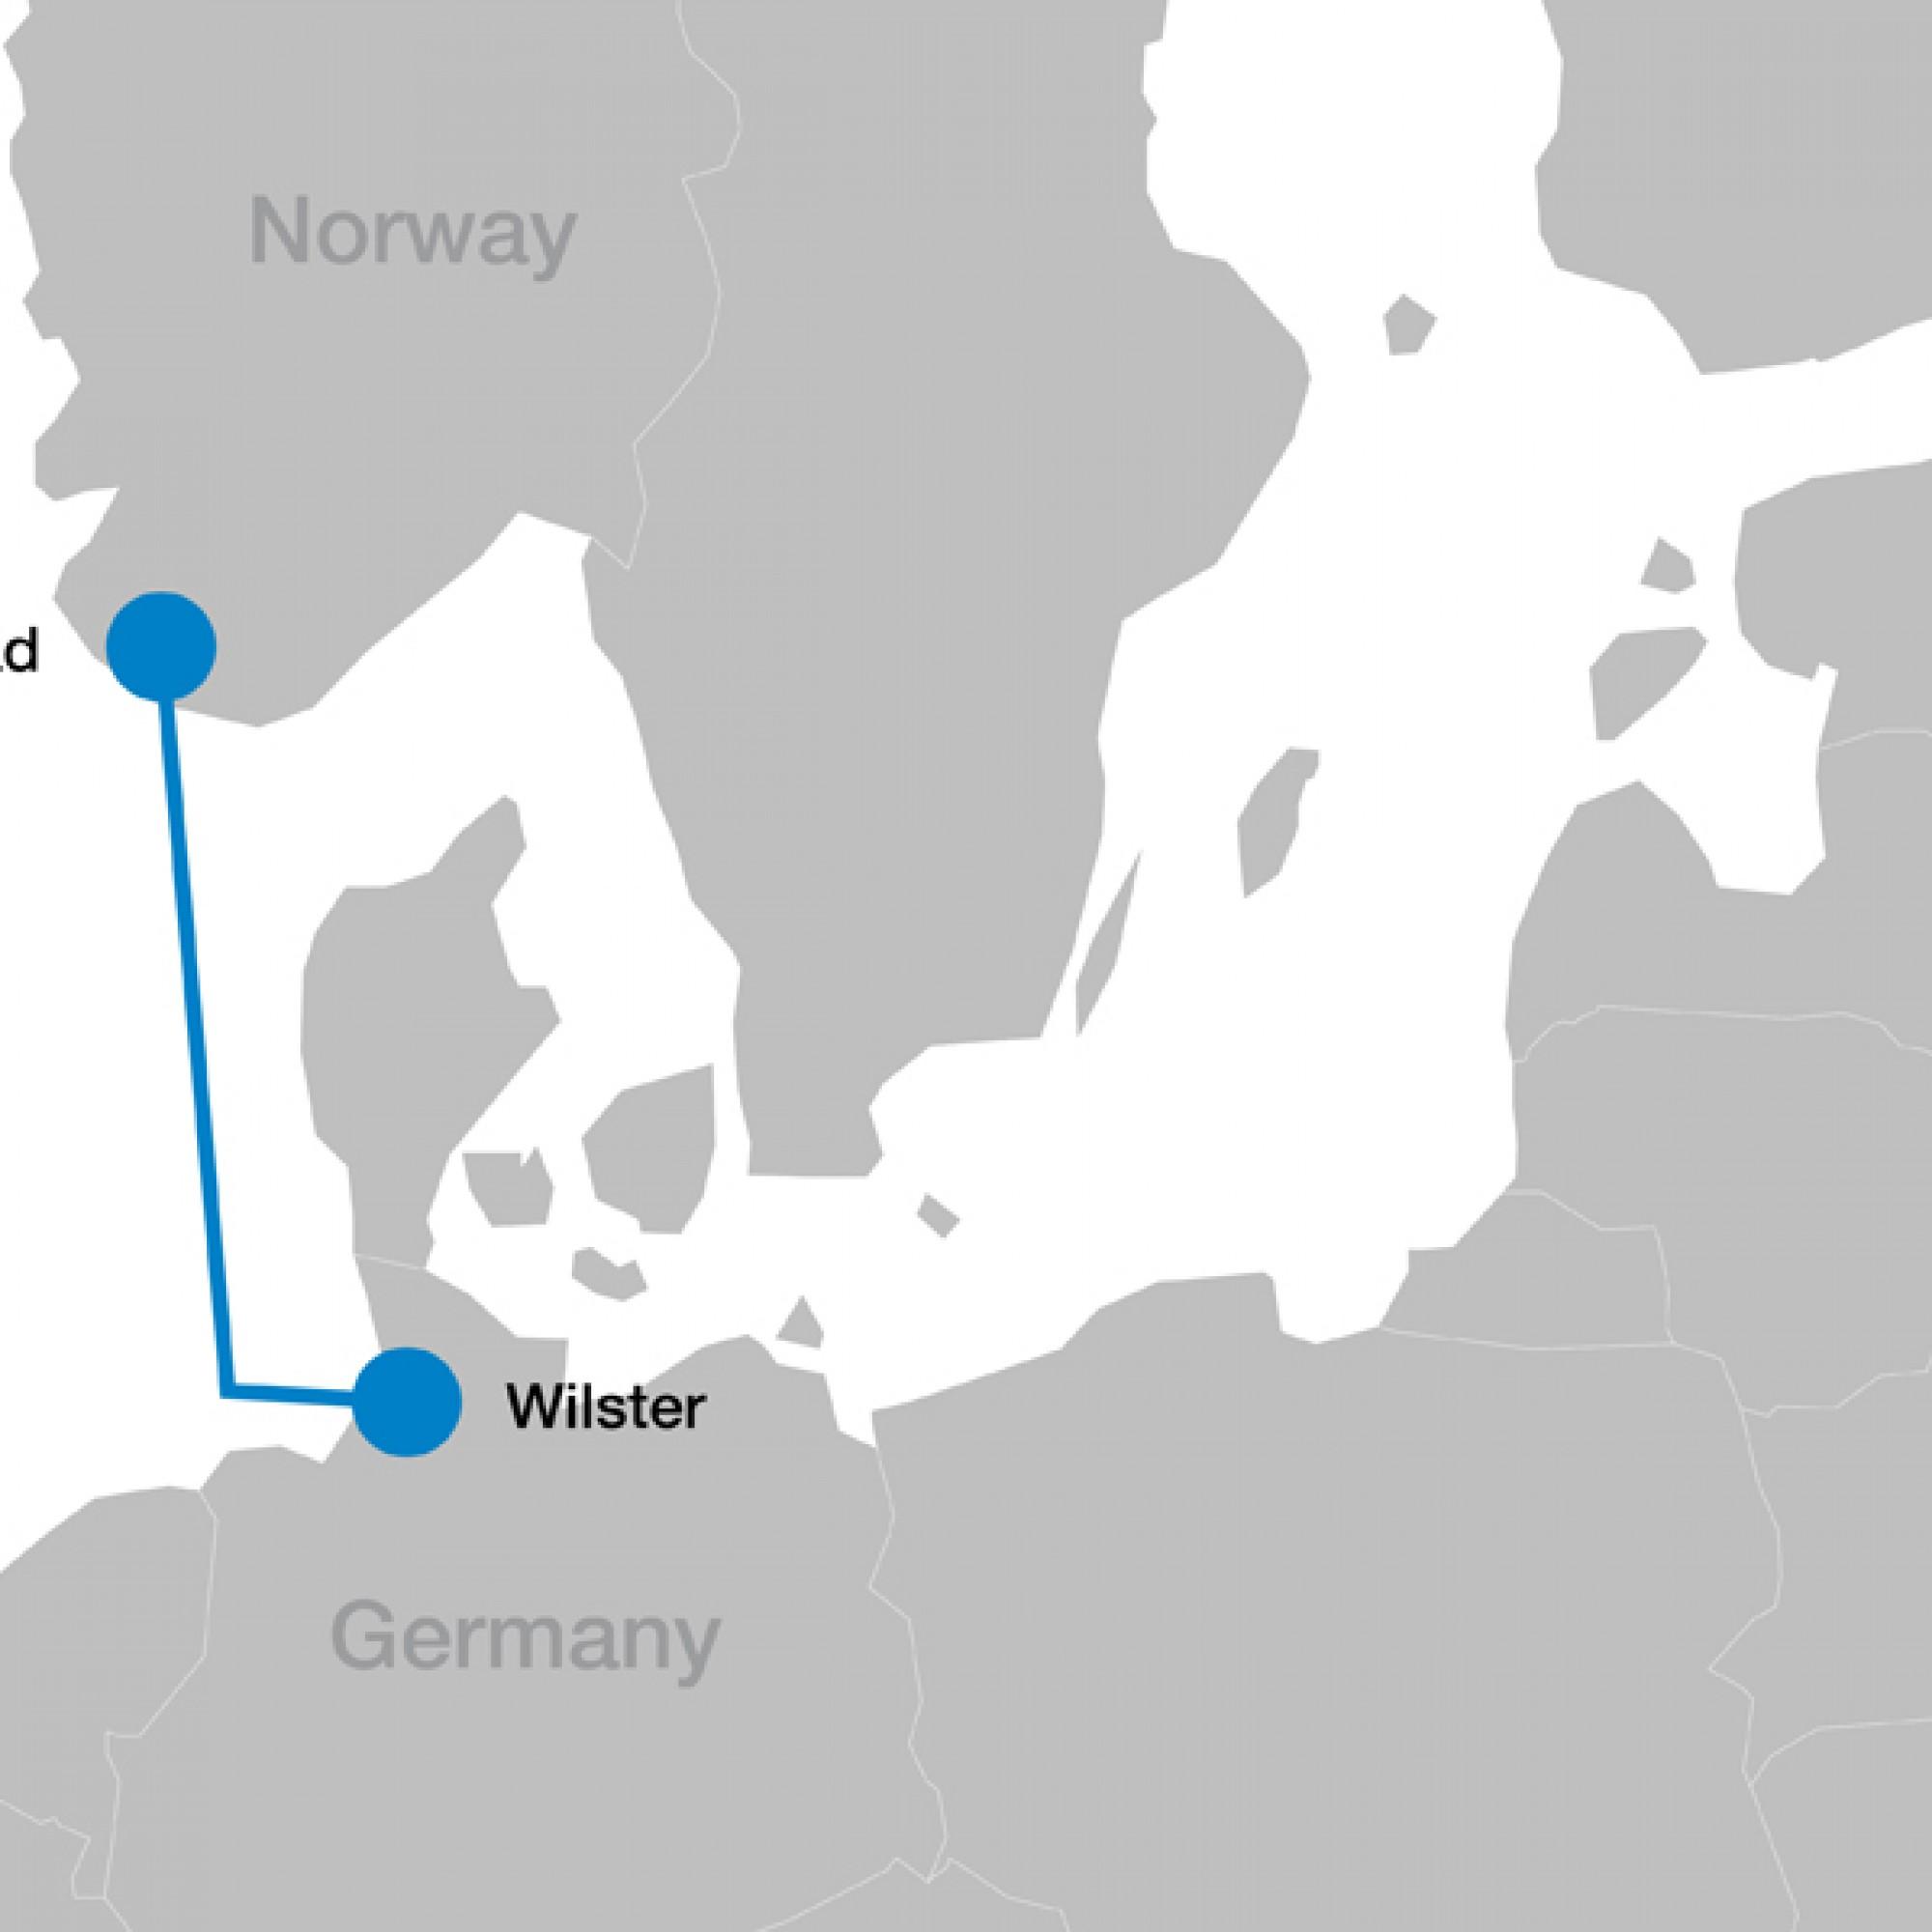 Die Leitung verbindet Wilster in Schleswig Holstein mit dem südnorwegischen Tonstad. (PD)